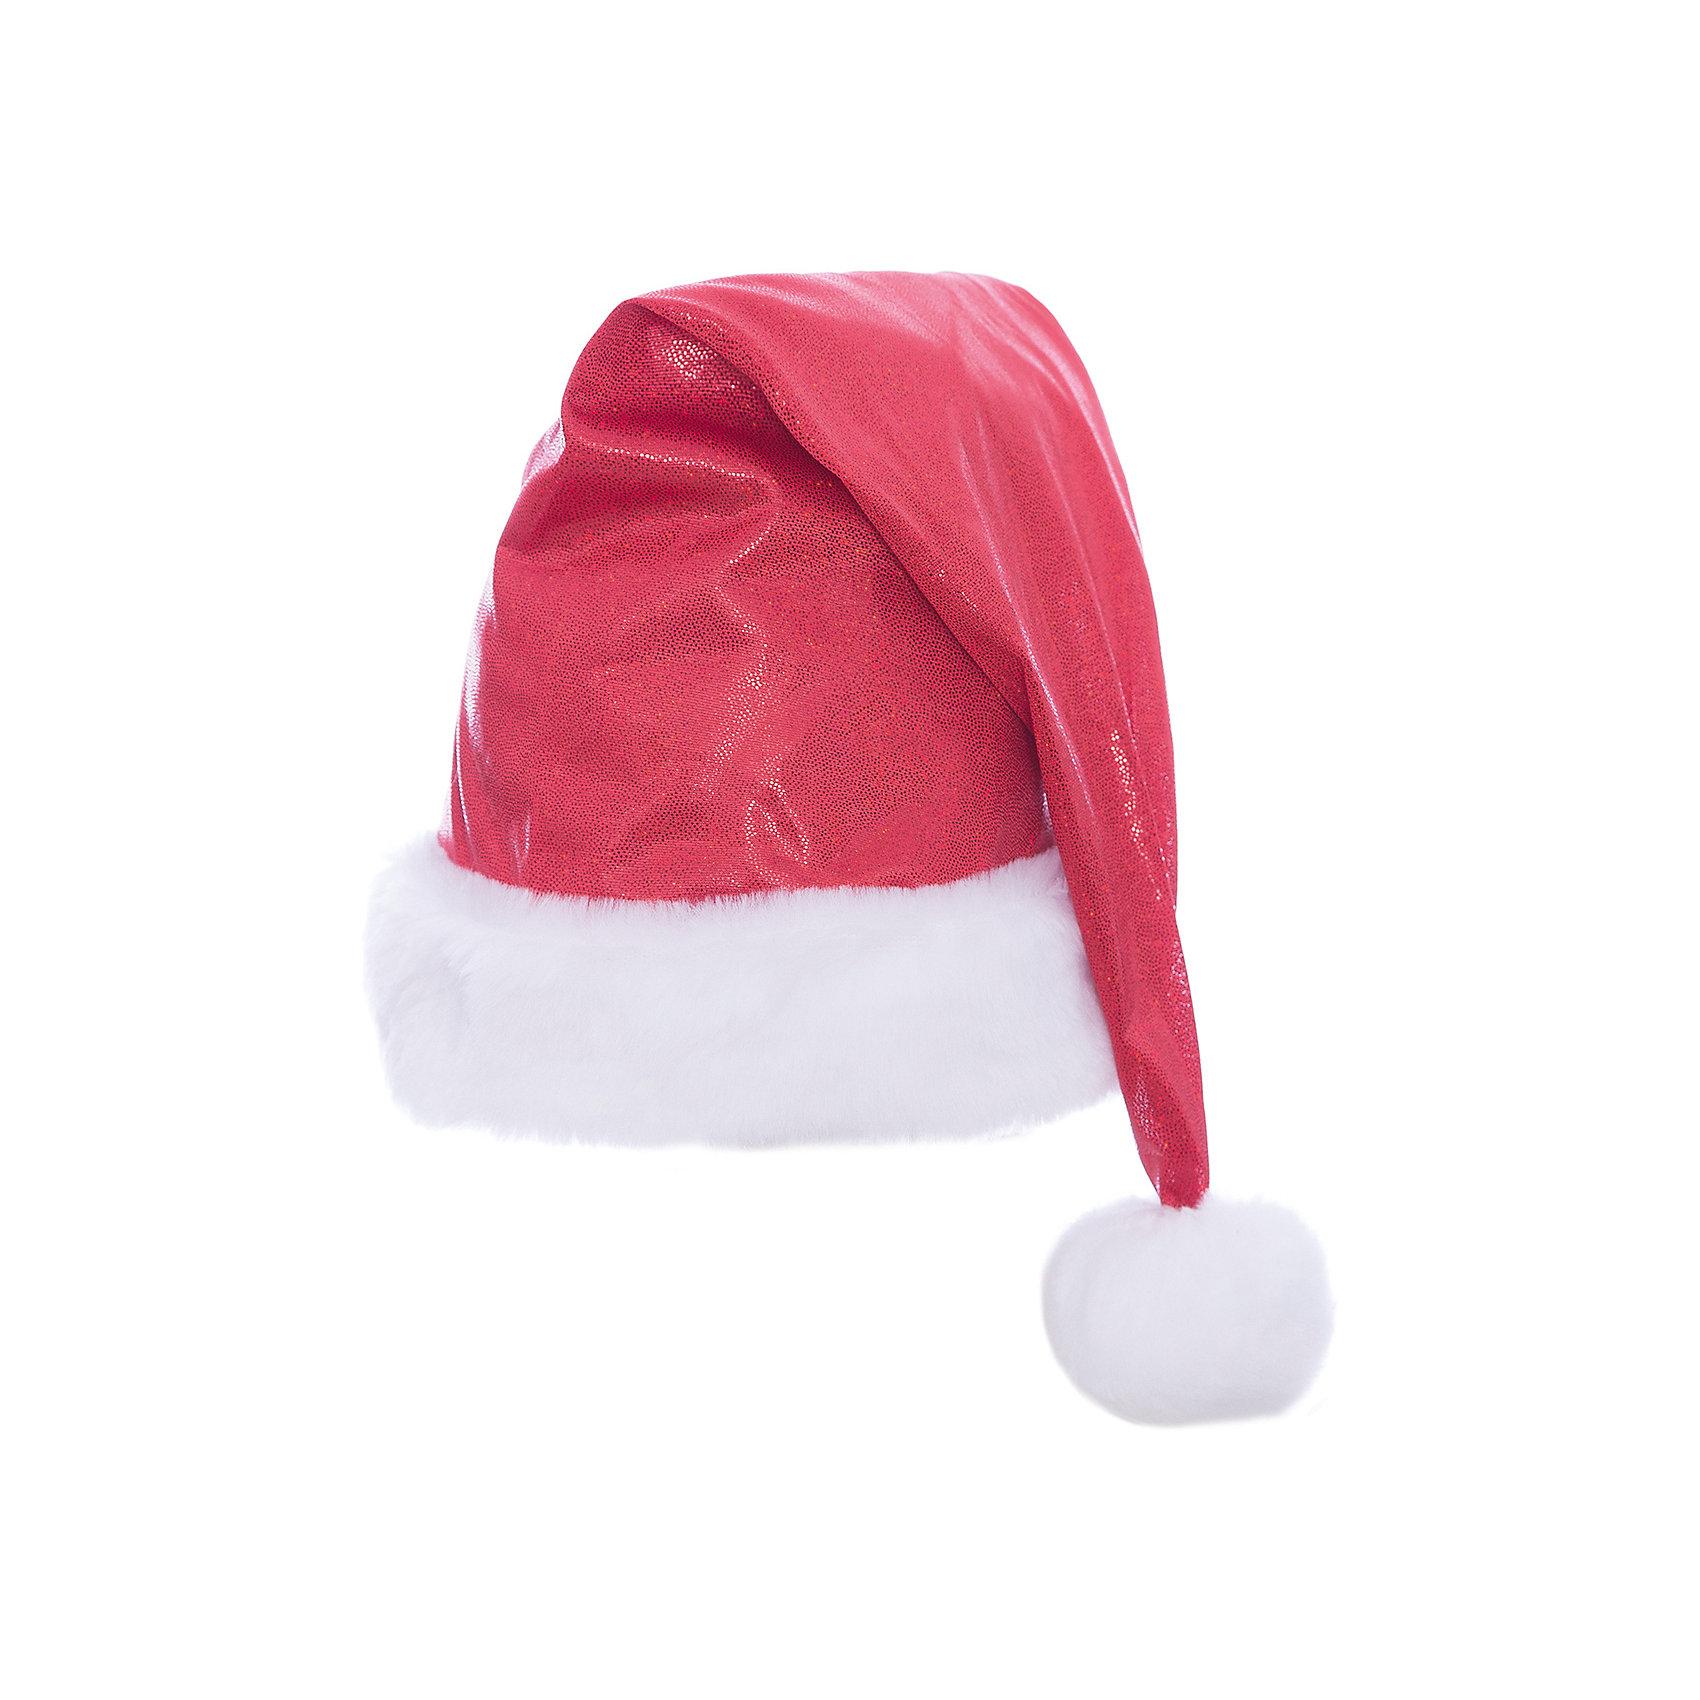 Колпак новогодний (красный), ВестификаКарнавальные костюмы и аксессуары<br>Колпак новогодний (красный), Вестифика - это возможность превратить праздник в необычное, яркое шоу.<br>Красный новогодний колпак – это яркий колпак, украшенный блестящими пайетками. Колпак с меховым белым отворотом и небольшим белым помпоном очень красивый и удобный аксессуар. Новогодний колпак развеселит вас и ваших друзей, с ним даже обычная одежда превратится в новогодний наряд!<br><br>Дополнительная информация:<br><br>- Комплект: колпак с помпоном<br>- Материал: парча, мех искусственный<br>- Цвет: красный<br>- Размер: универсальный<br>- Длина колпака до помпона: 50 см.<br>- Диаметр колпака: 60 см.<br><br>Колпак новогодний (красный), Вестифика можно купить в нашем интернет-магазине.<br><br>Ширина мм: 500<br>Глубина мм: 600<br>Высота мм: 15<br>Вес г: 90<br>Возраст от месяцев: 120<br>Возраст до месяцев: 216<br>Пол: Женский<br>Возраст: Детский<br>SKU: 4399569